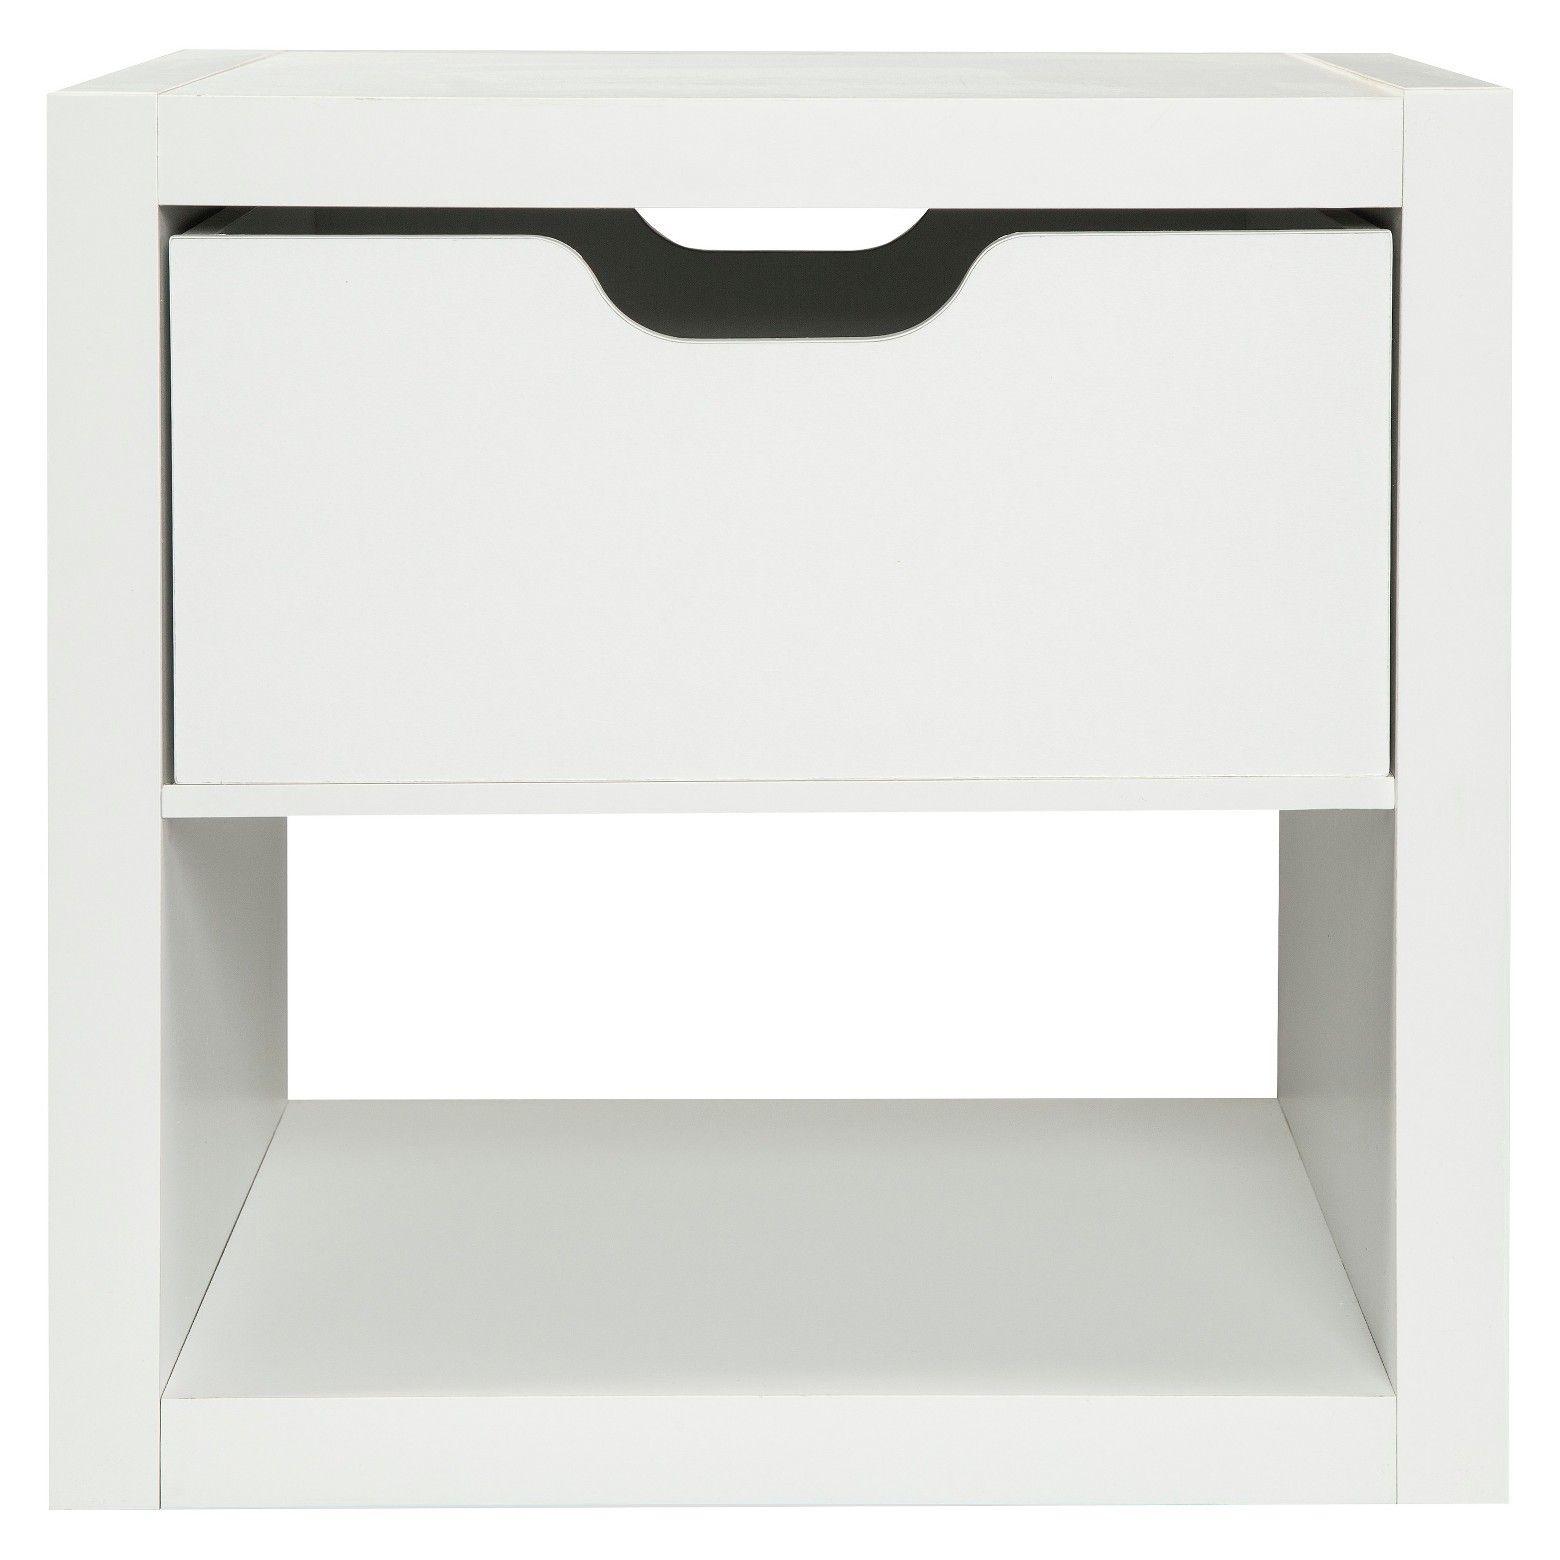 Cube Half Drawer 13 Threshold Target Storage Spaces Drawers Storing Craft Supplies